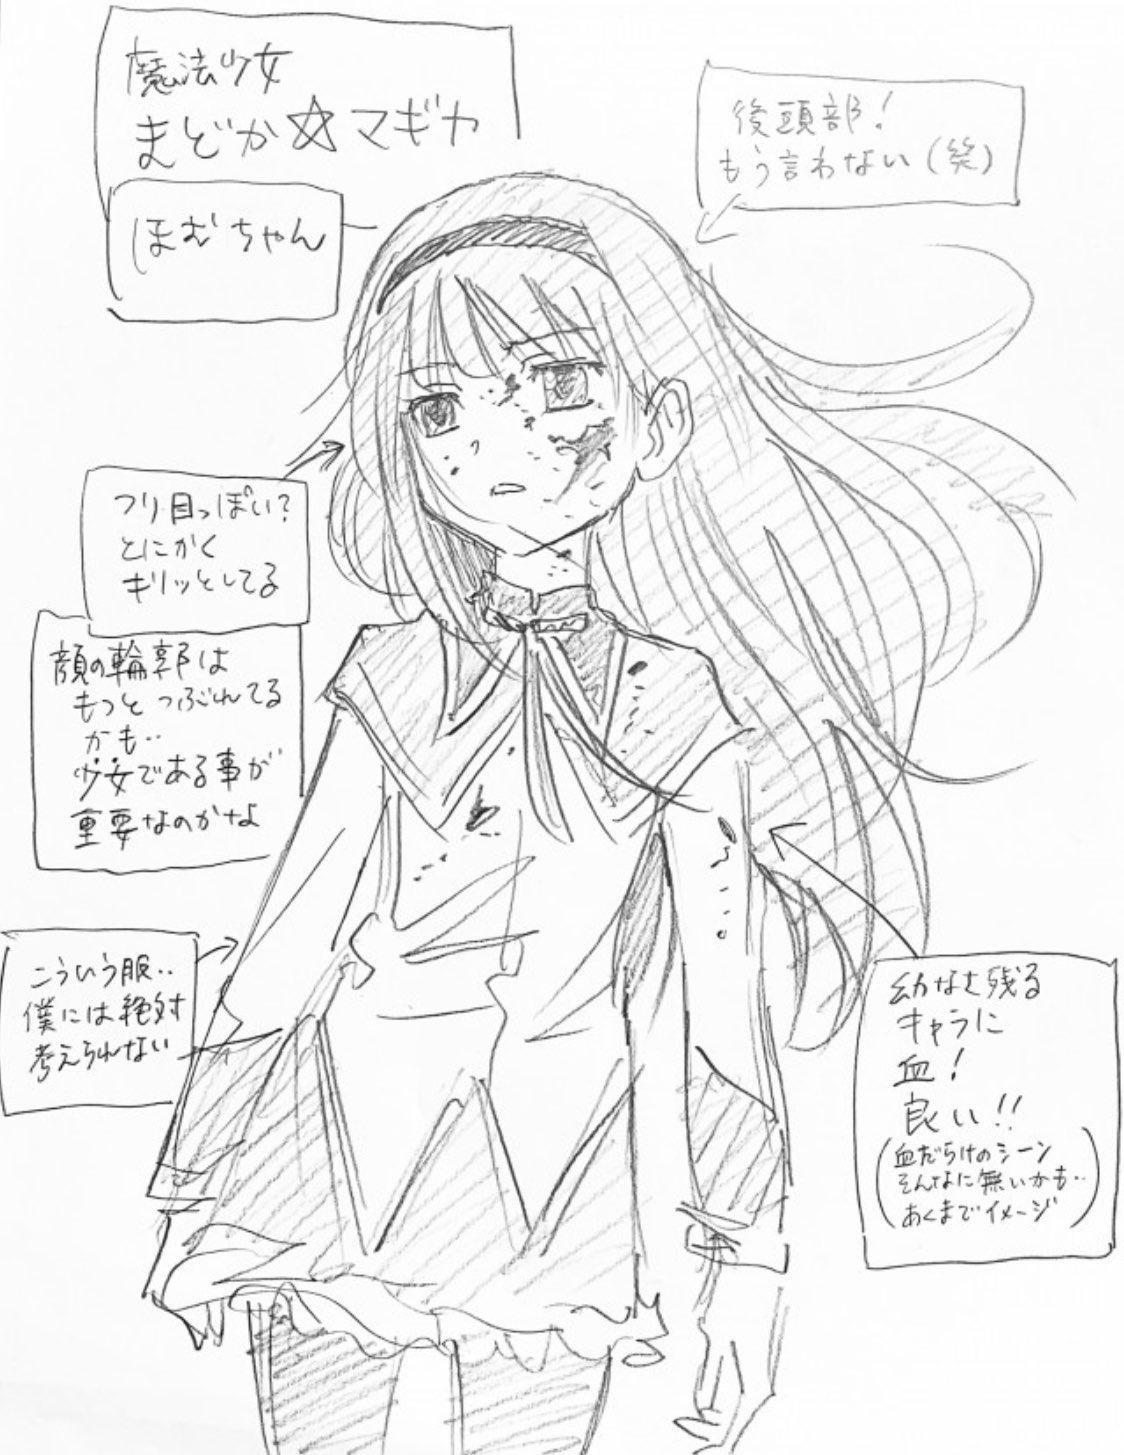 【けもフレ新説シリーズ】けものフレンズ ...